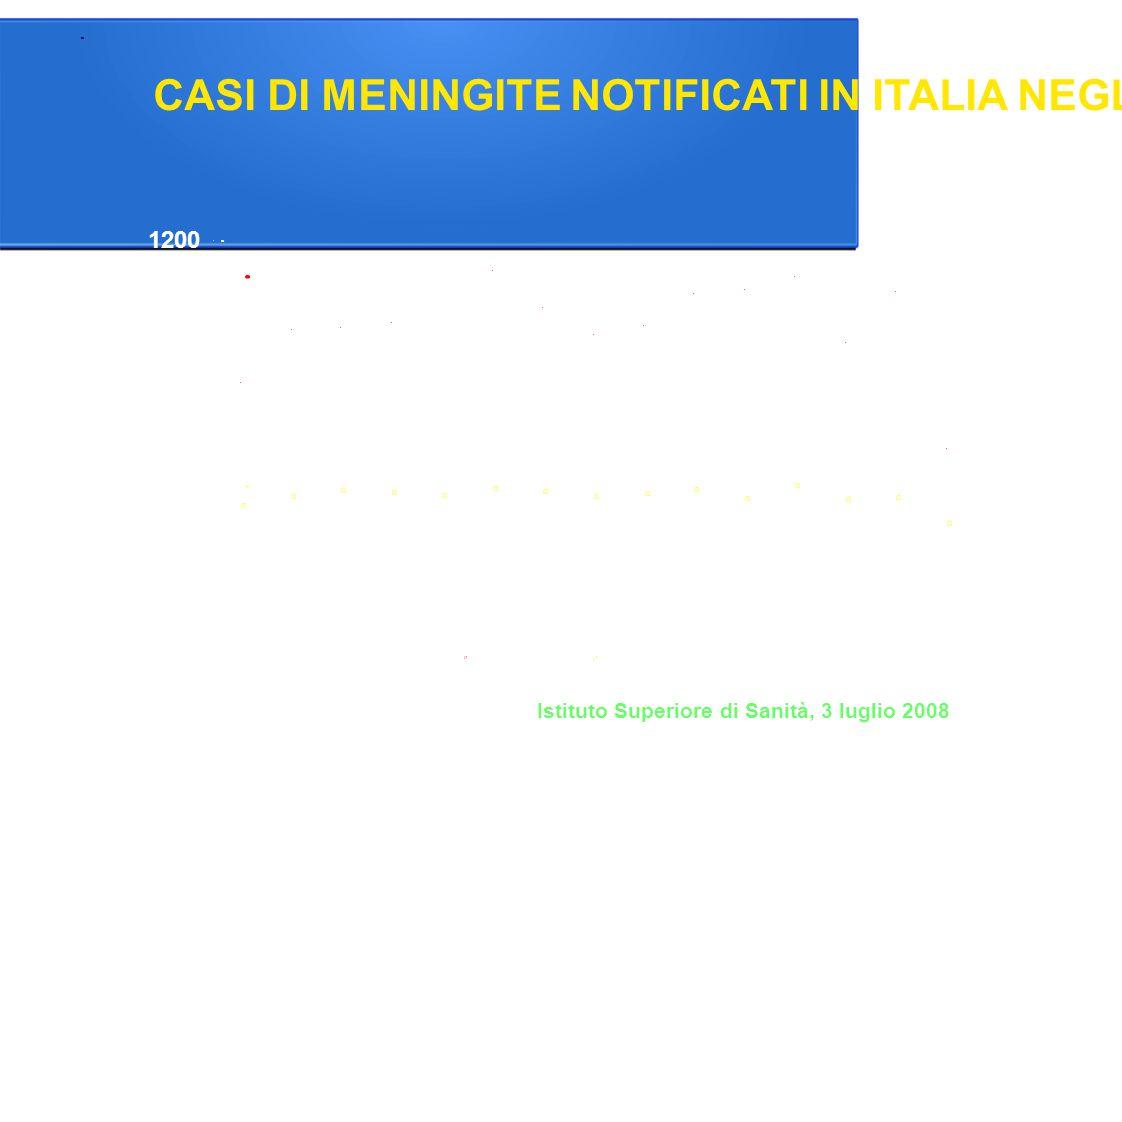 CASI DI MENINGITE NOTIFICATI IN ITALIA NEGLI ULTIMI 15 ANNI